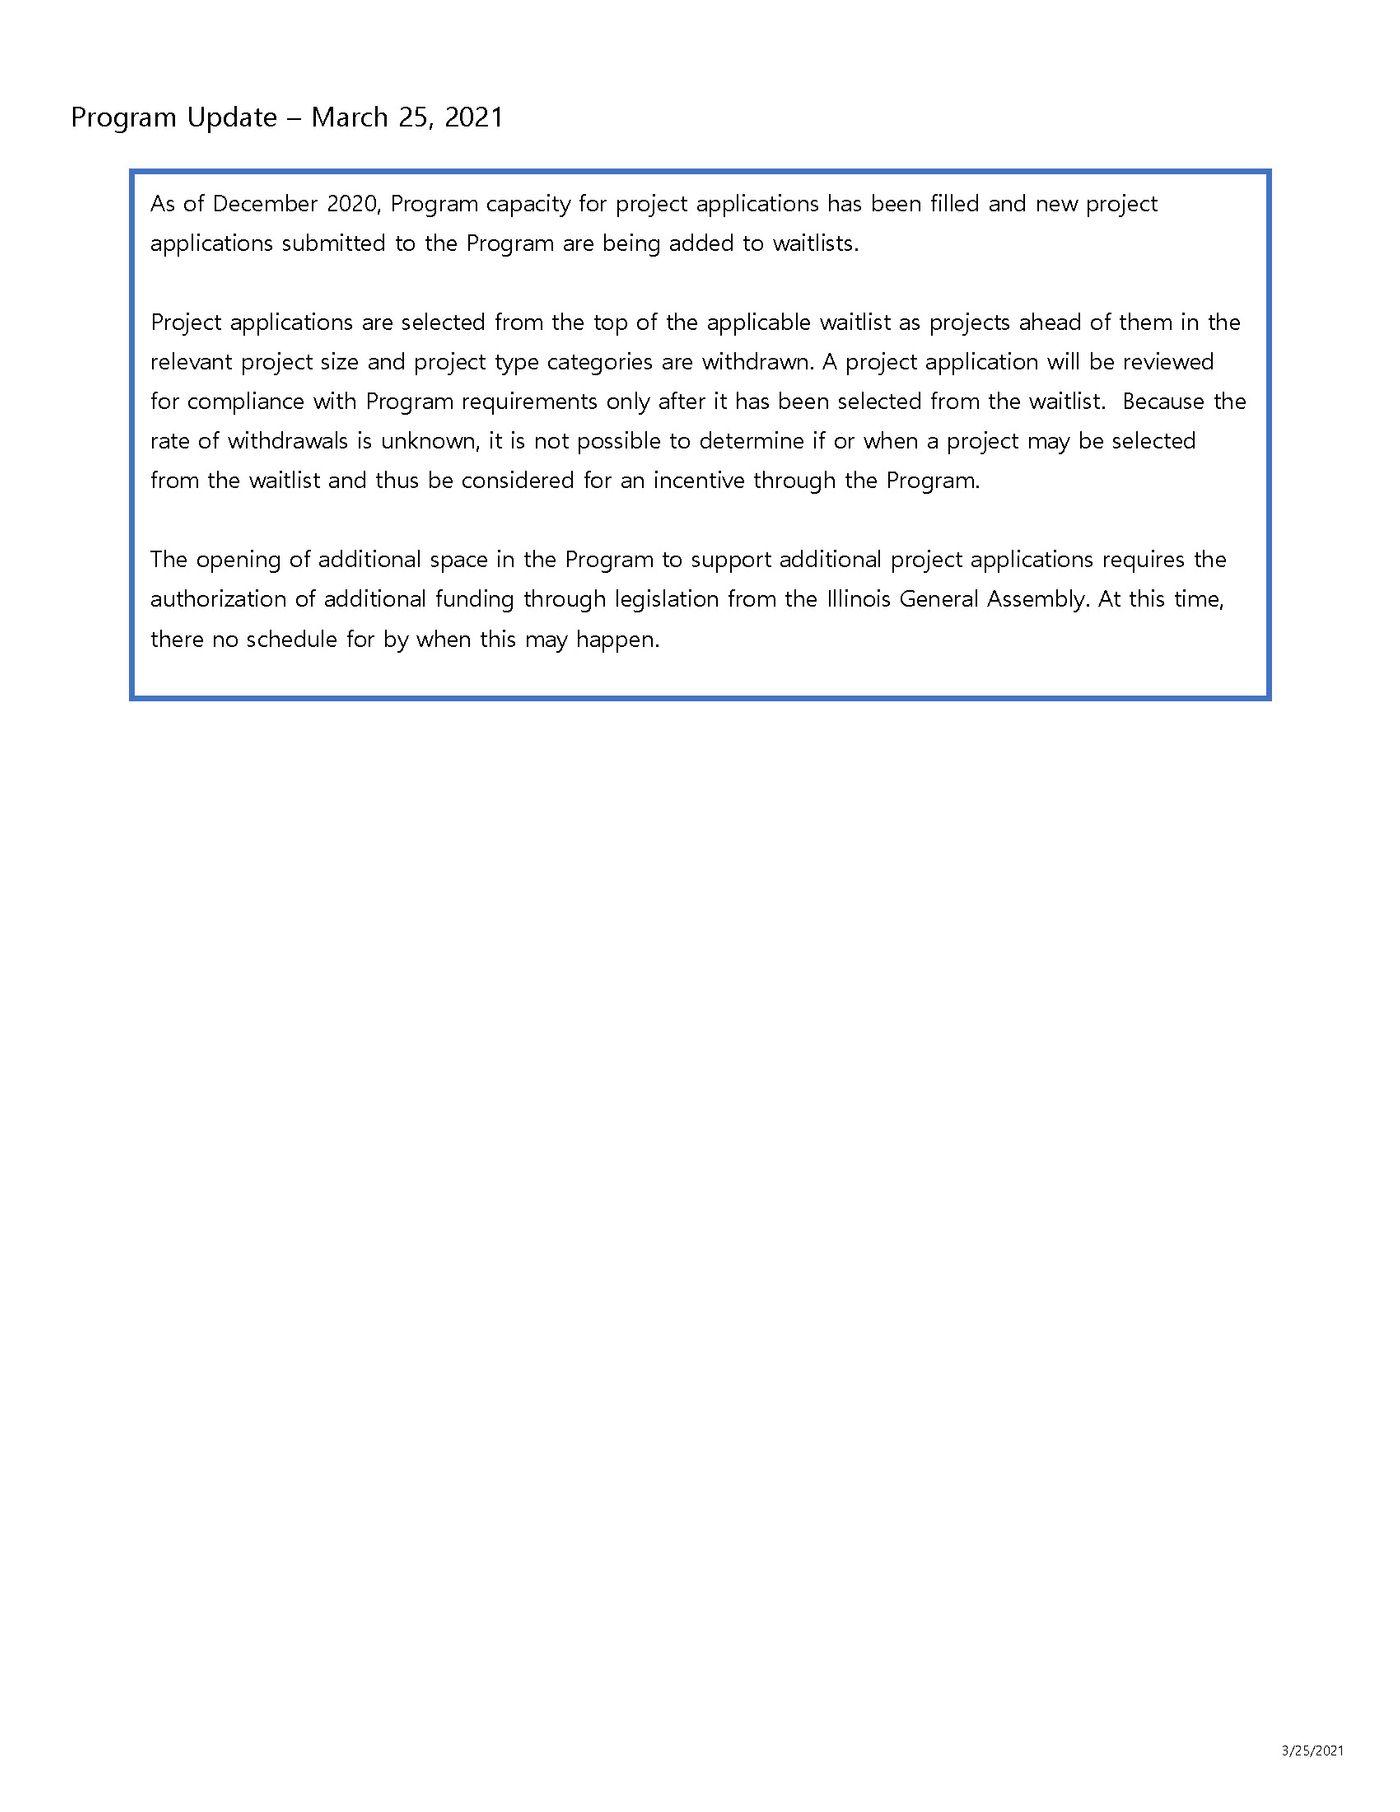 DG-Brochure-Update-3-25-2021-1_Page_3.jpg